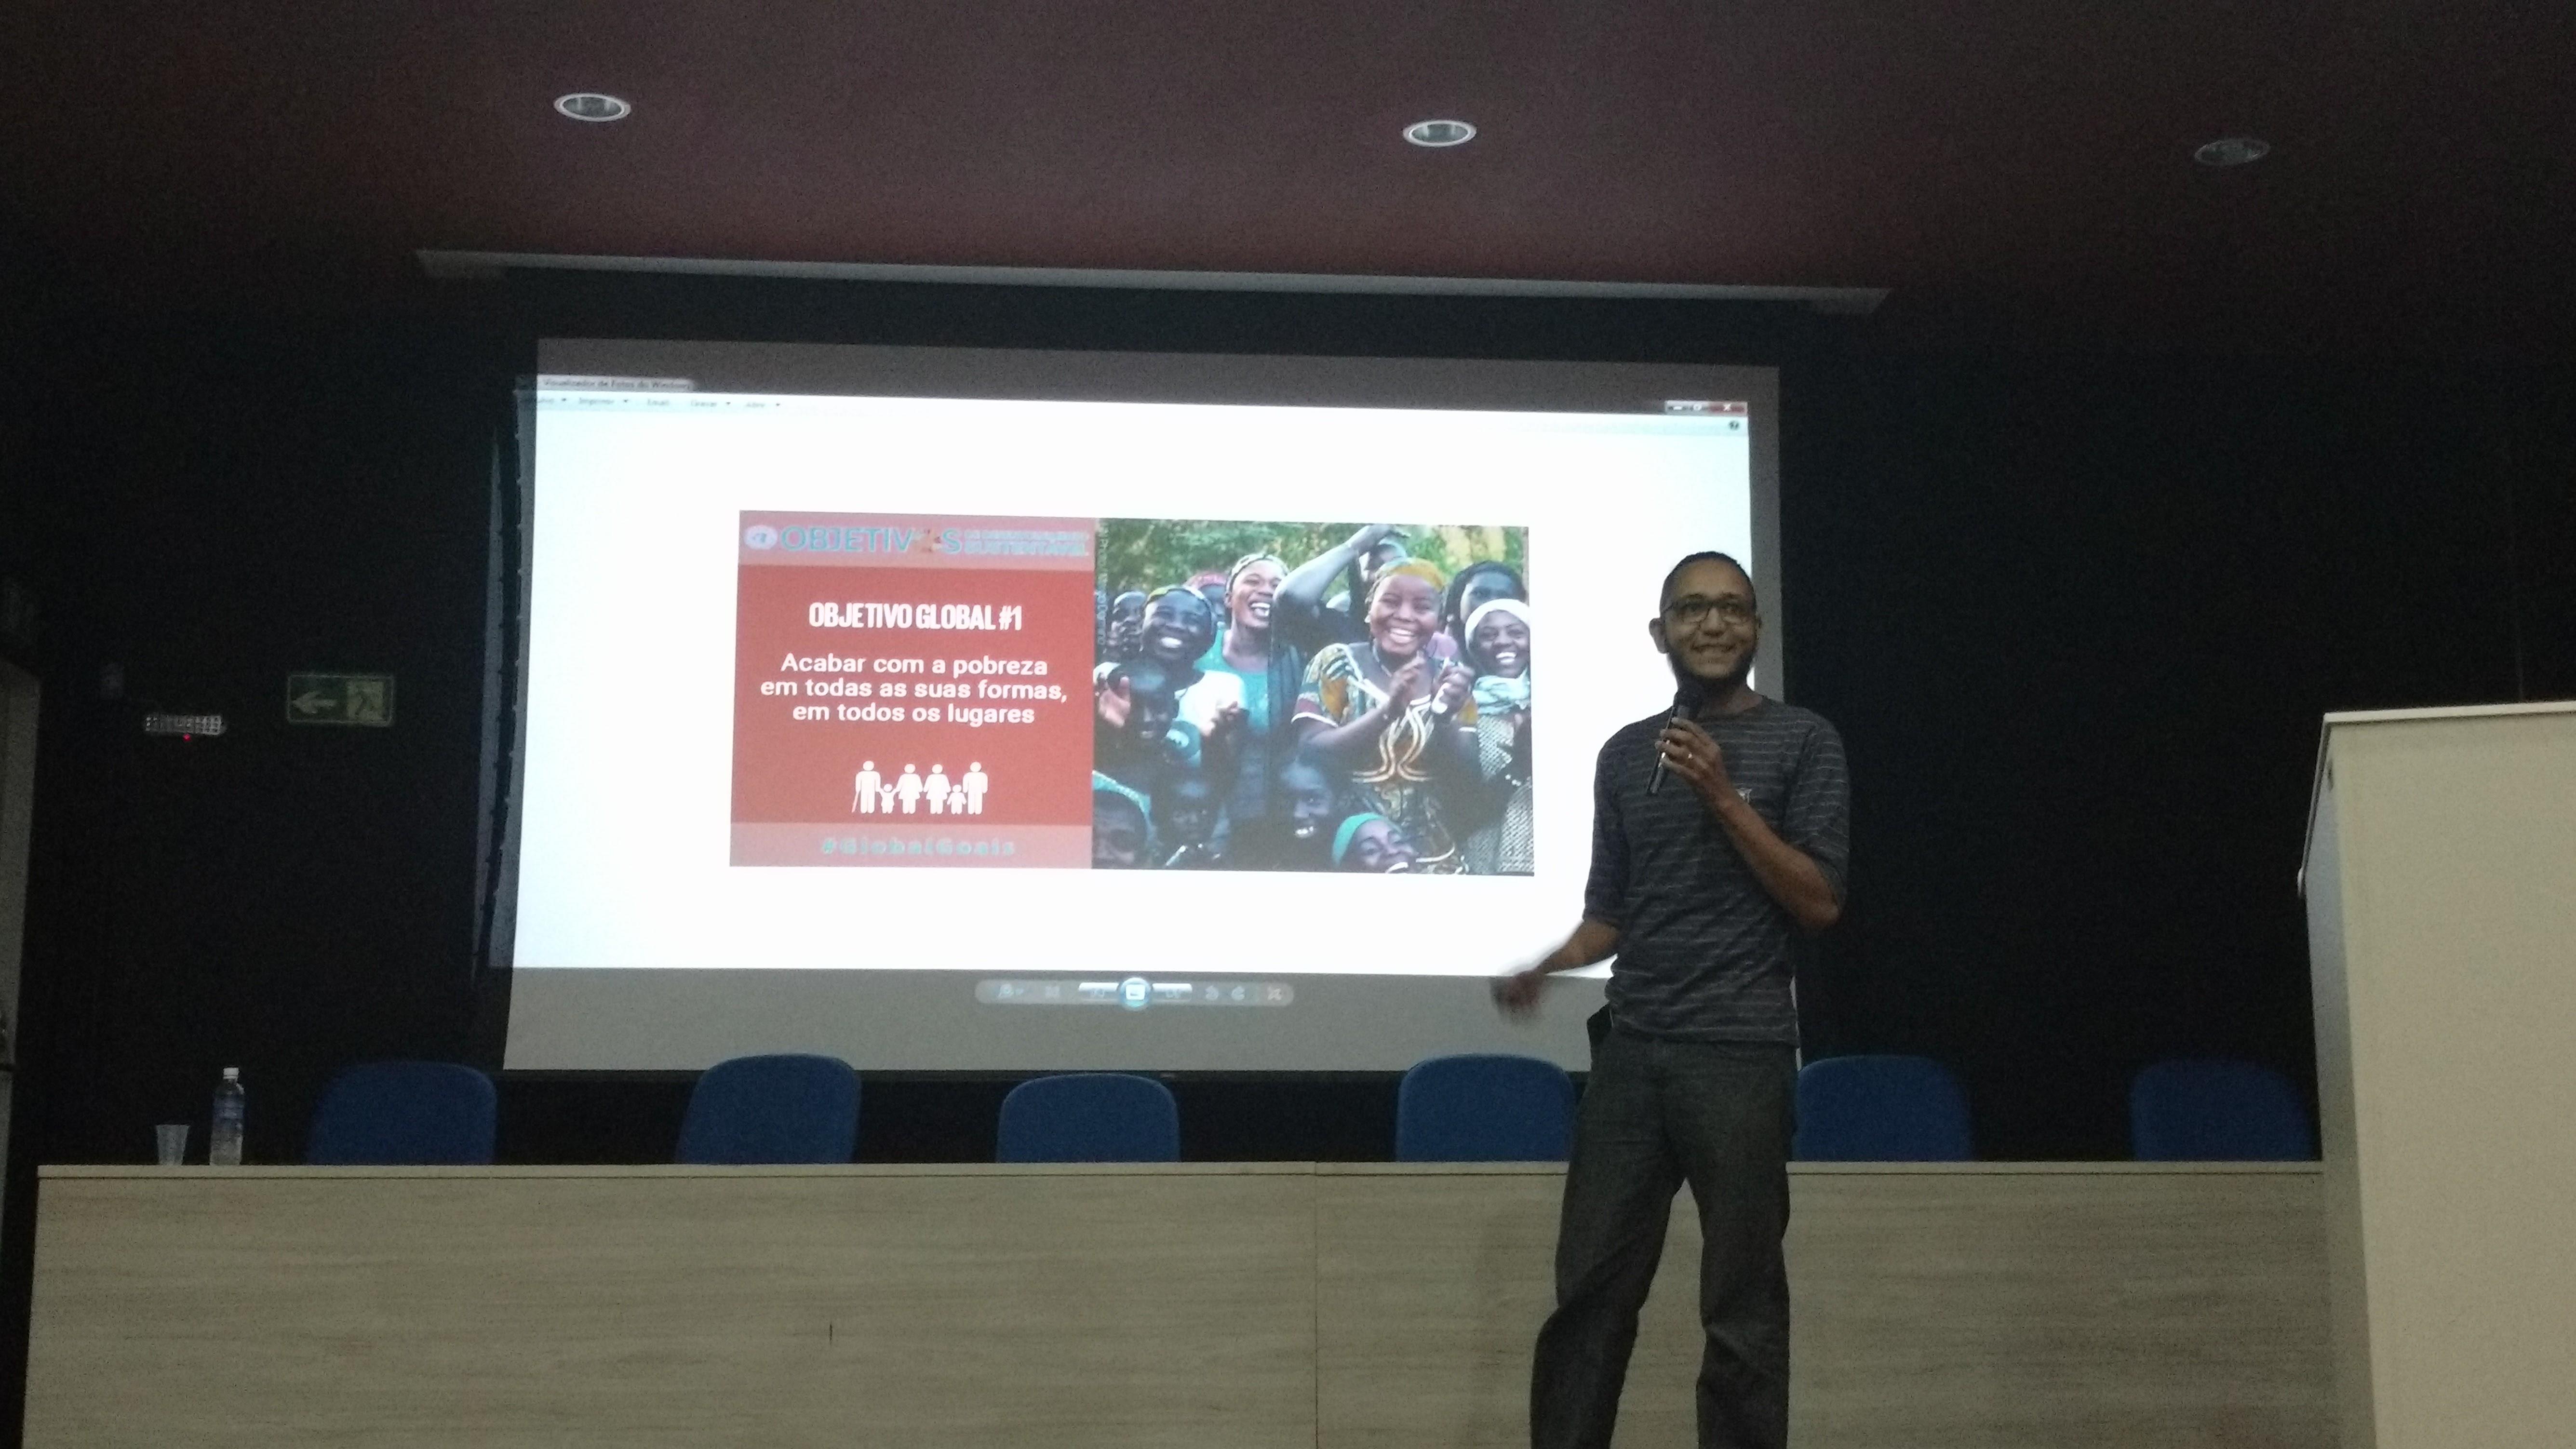 Talles Moura fazendo a apresentação do tema do evento